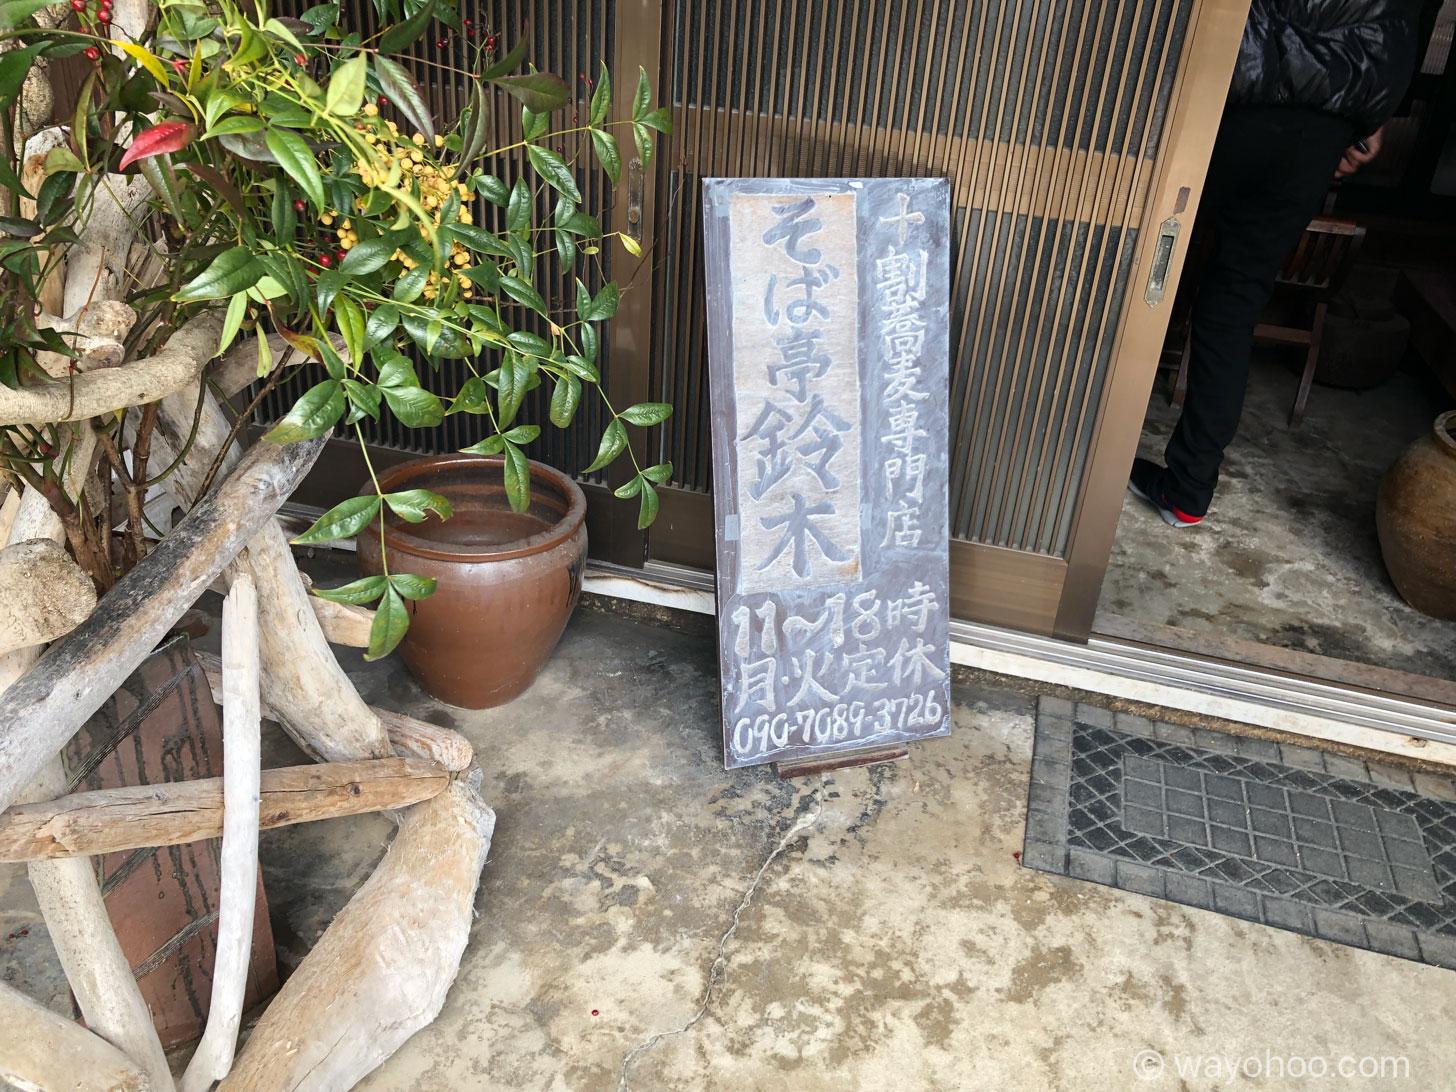 そば亭鈴木の看板